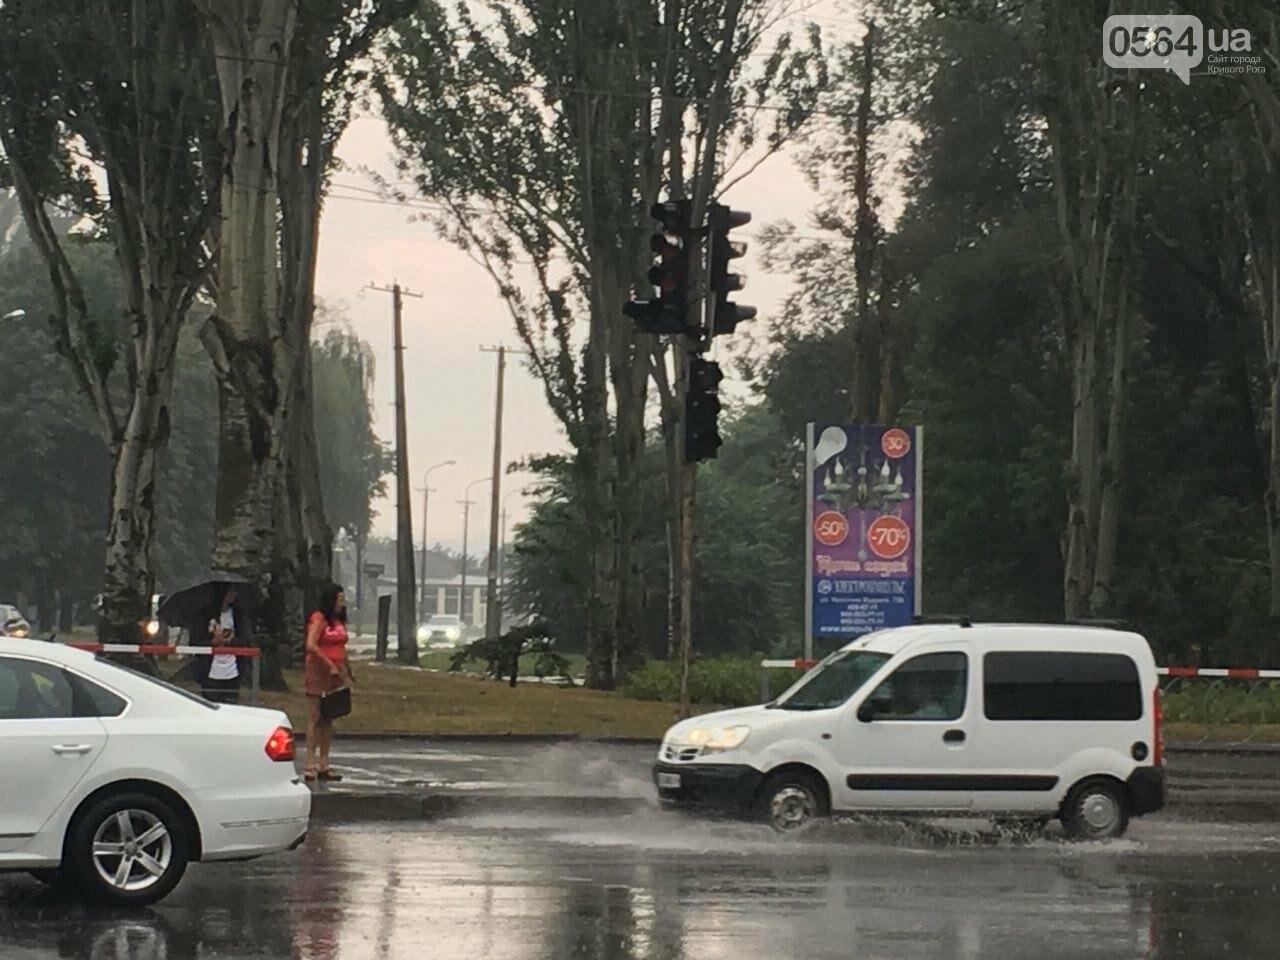 В Кривом Роге под дождем на перекрестке столкнулись иномарка и ВАЗ, - ФОТО, фото-3